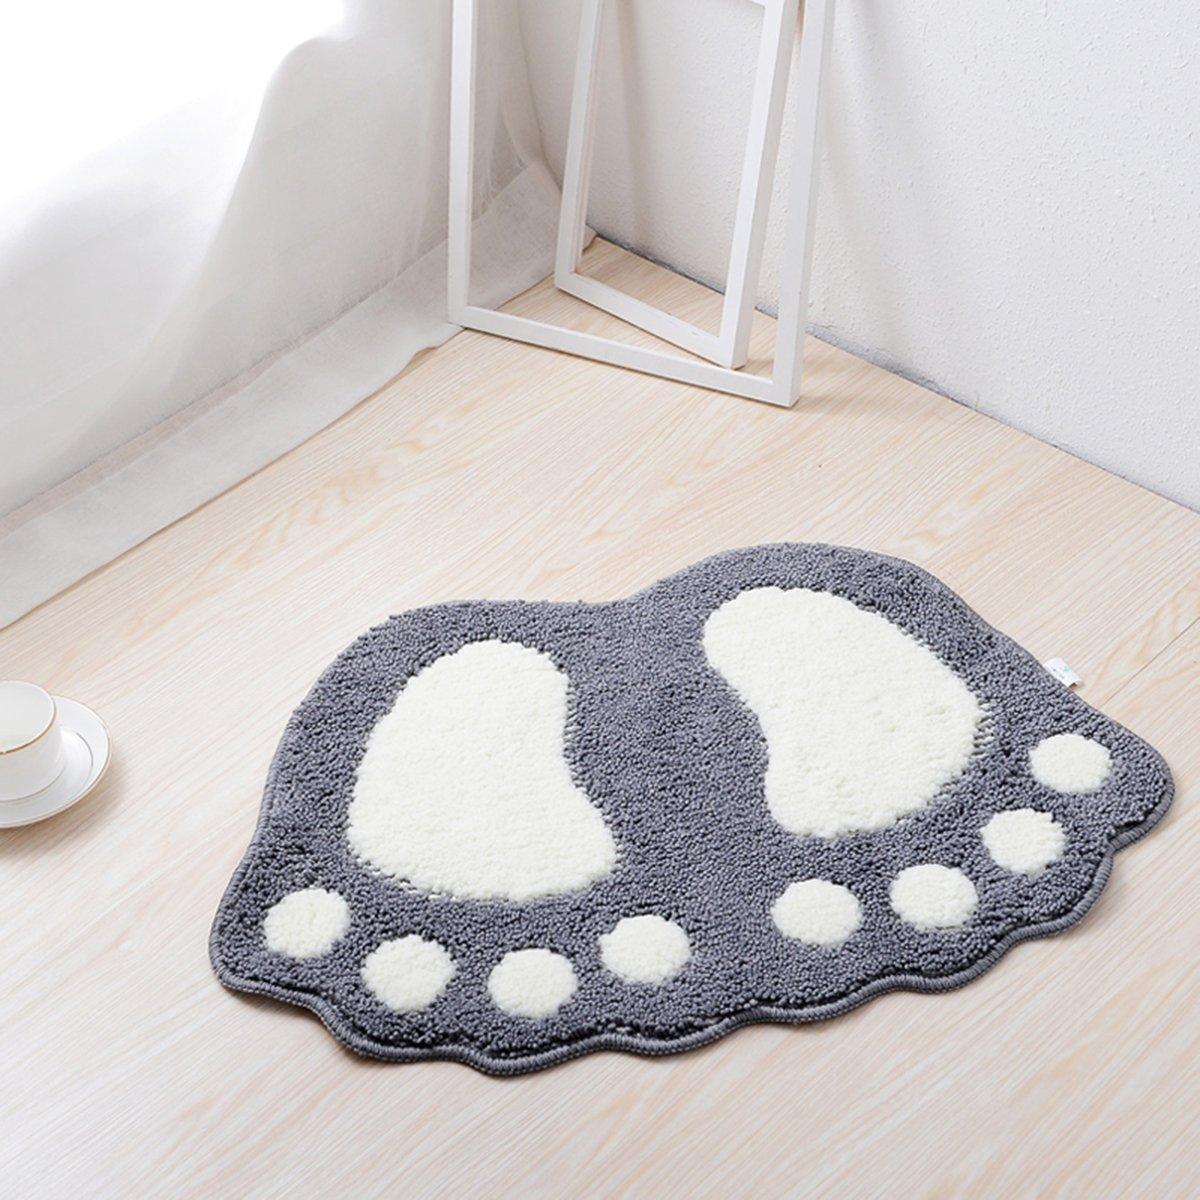 HAPLOVE Big Feet Bath Toilet Mat Area Rugs Carpet Doormat Floor Mat Absorbent Mats Bathroom Rugs Bedroom Living Room Kitchen Foot Pad Rug-(Grey,19''X26'')